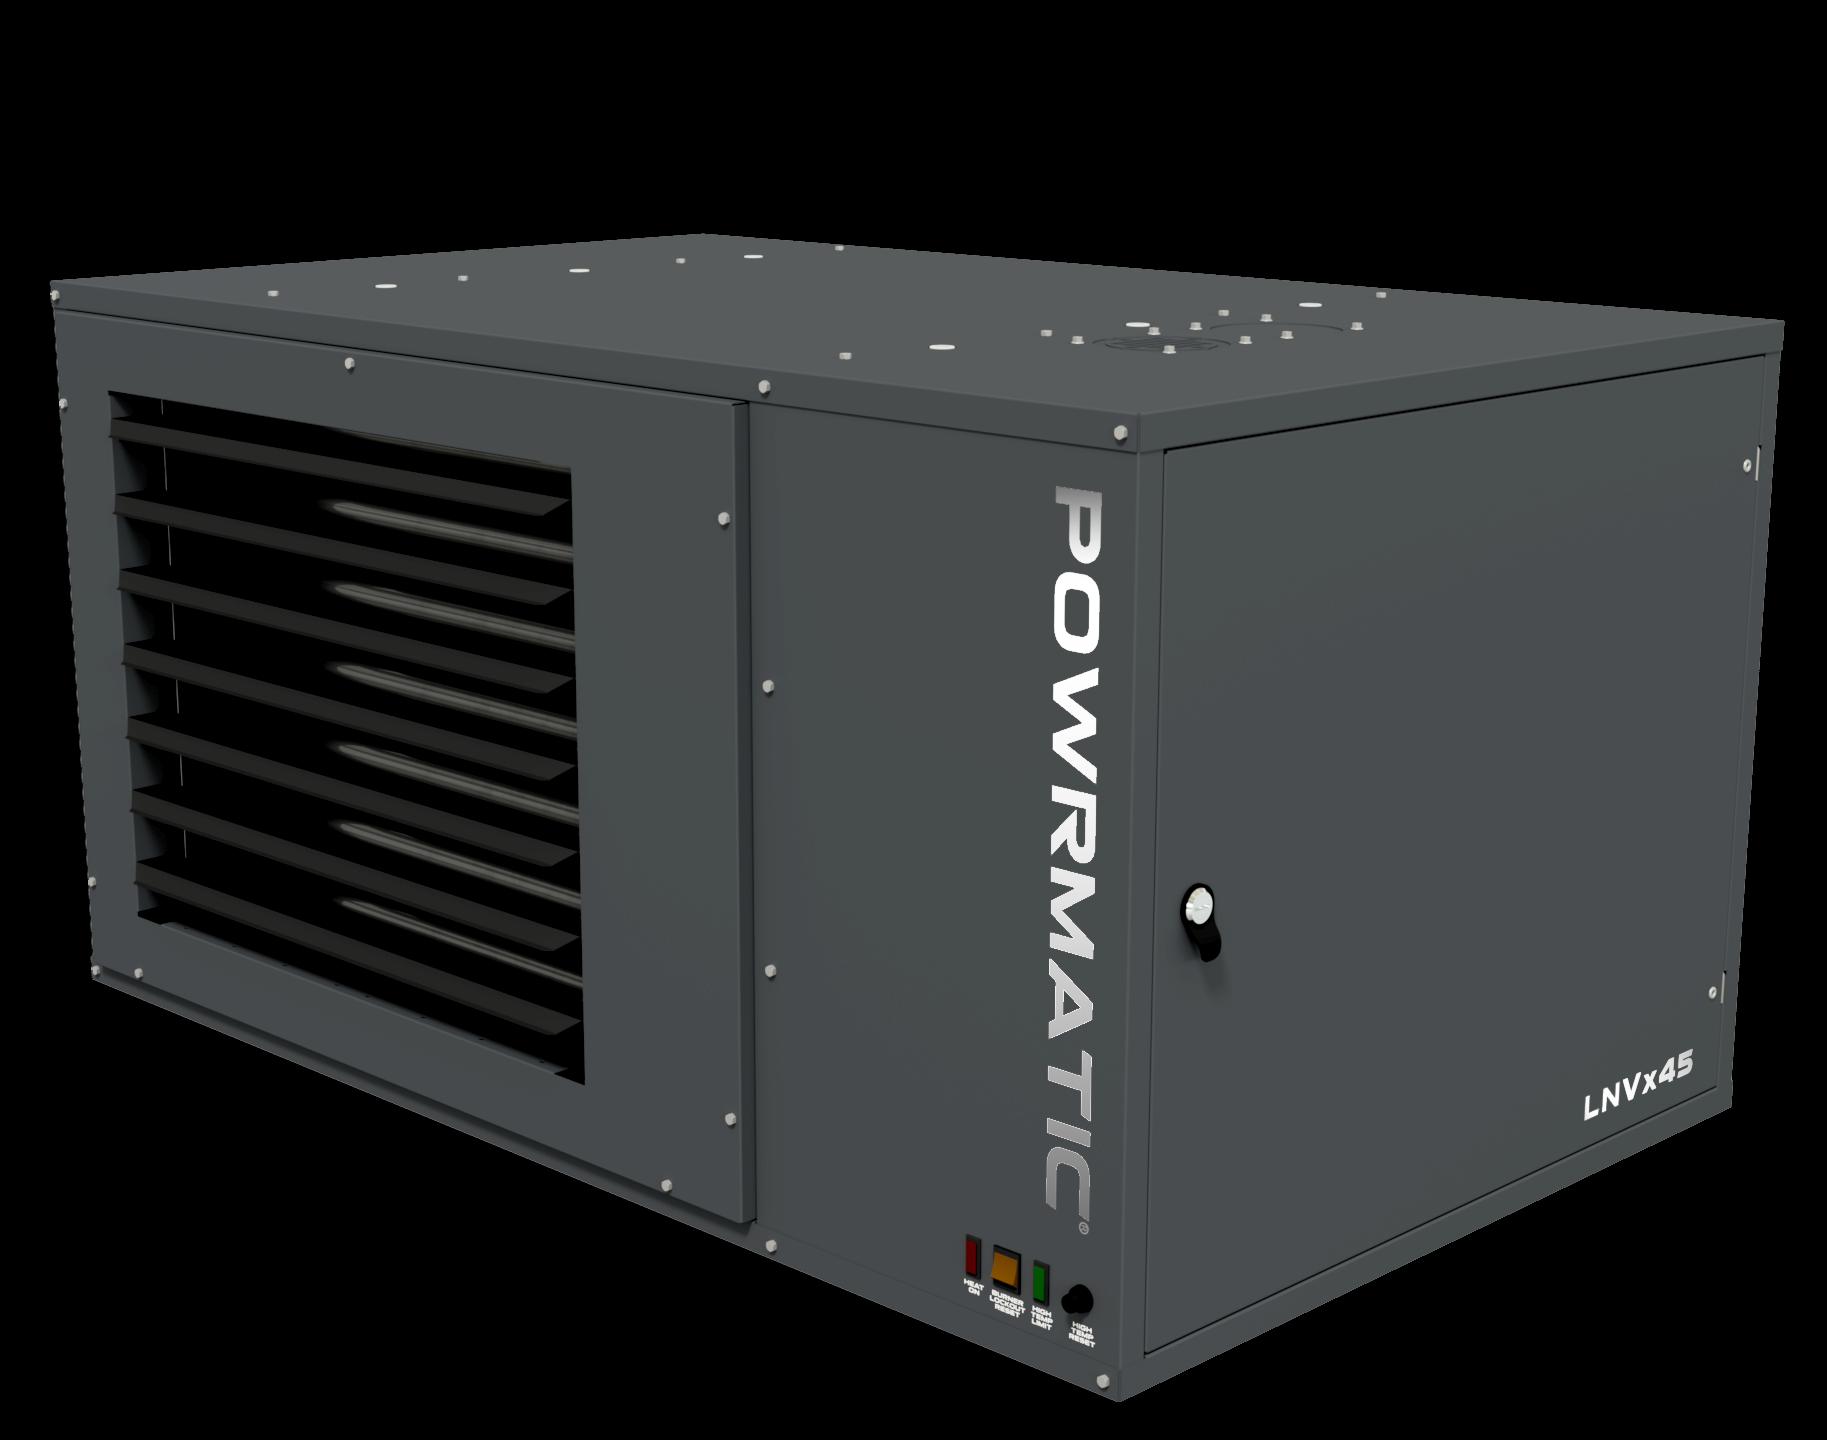 9b987736ac P-SERVIS HK – Teplovzdušné agregáty Powrmatic a klimatizace